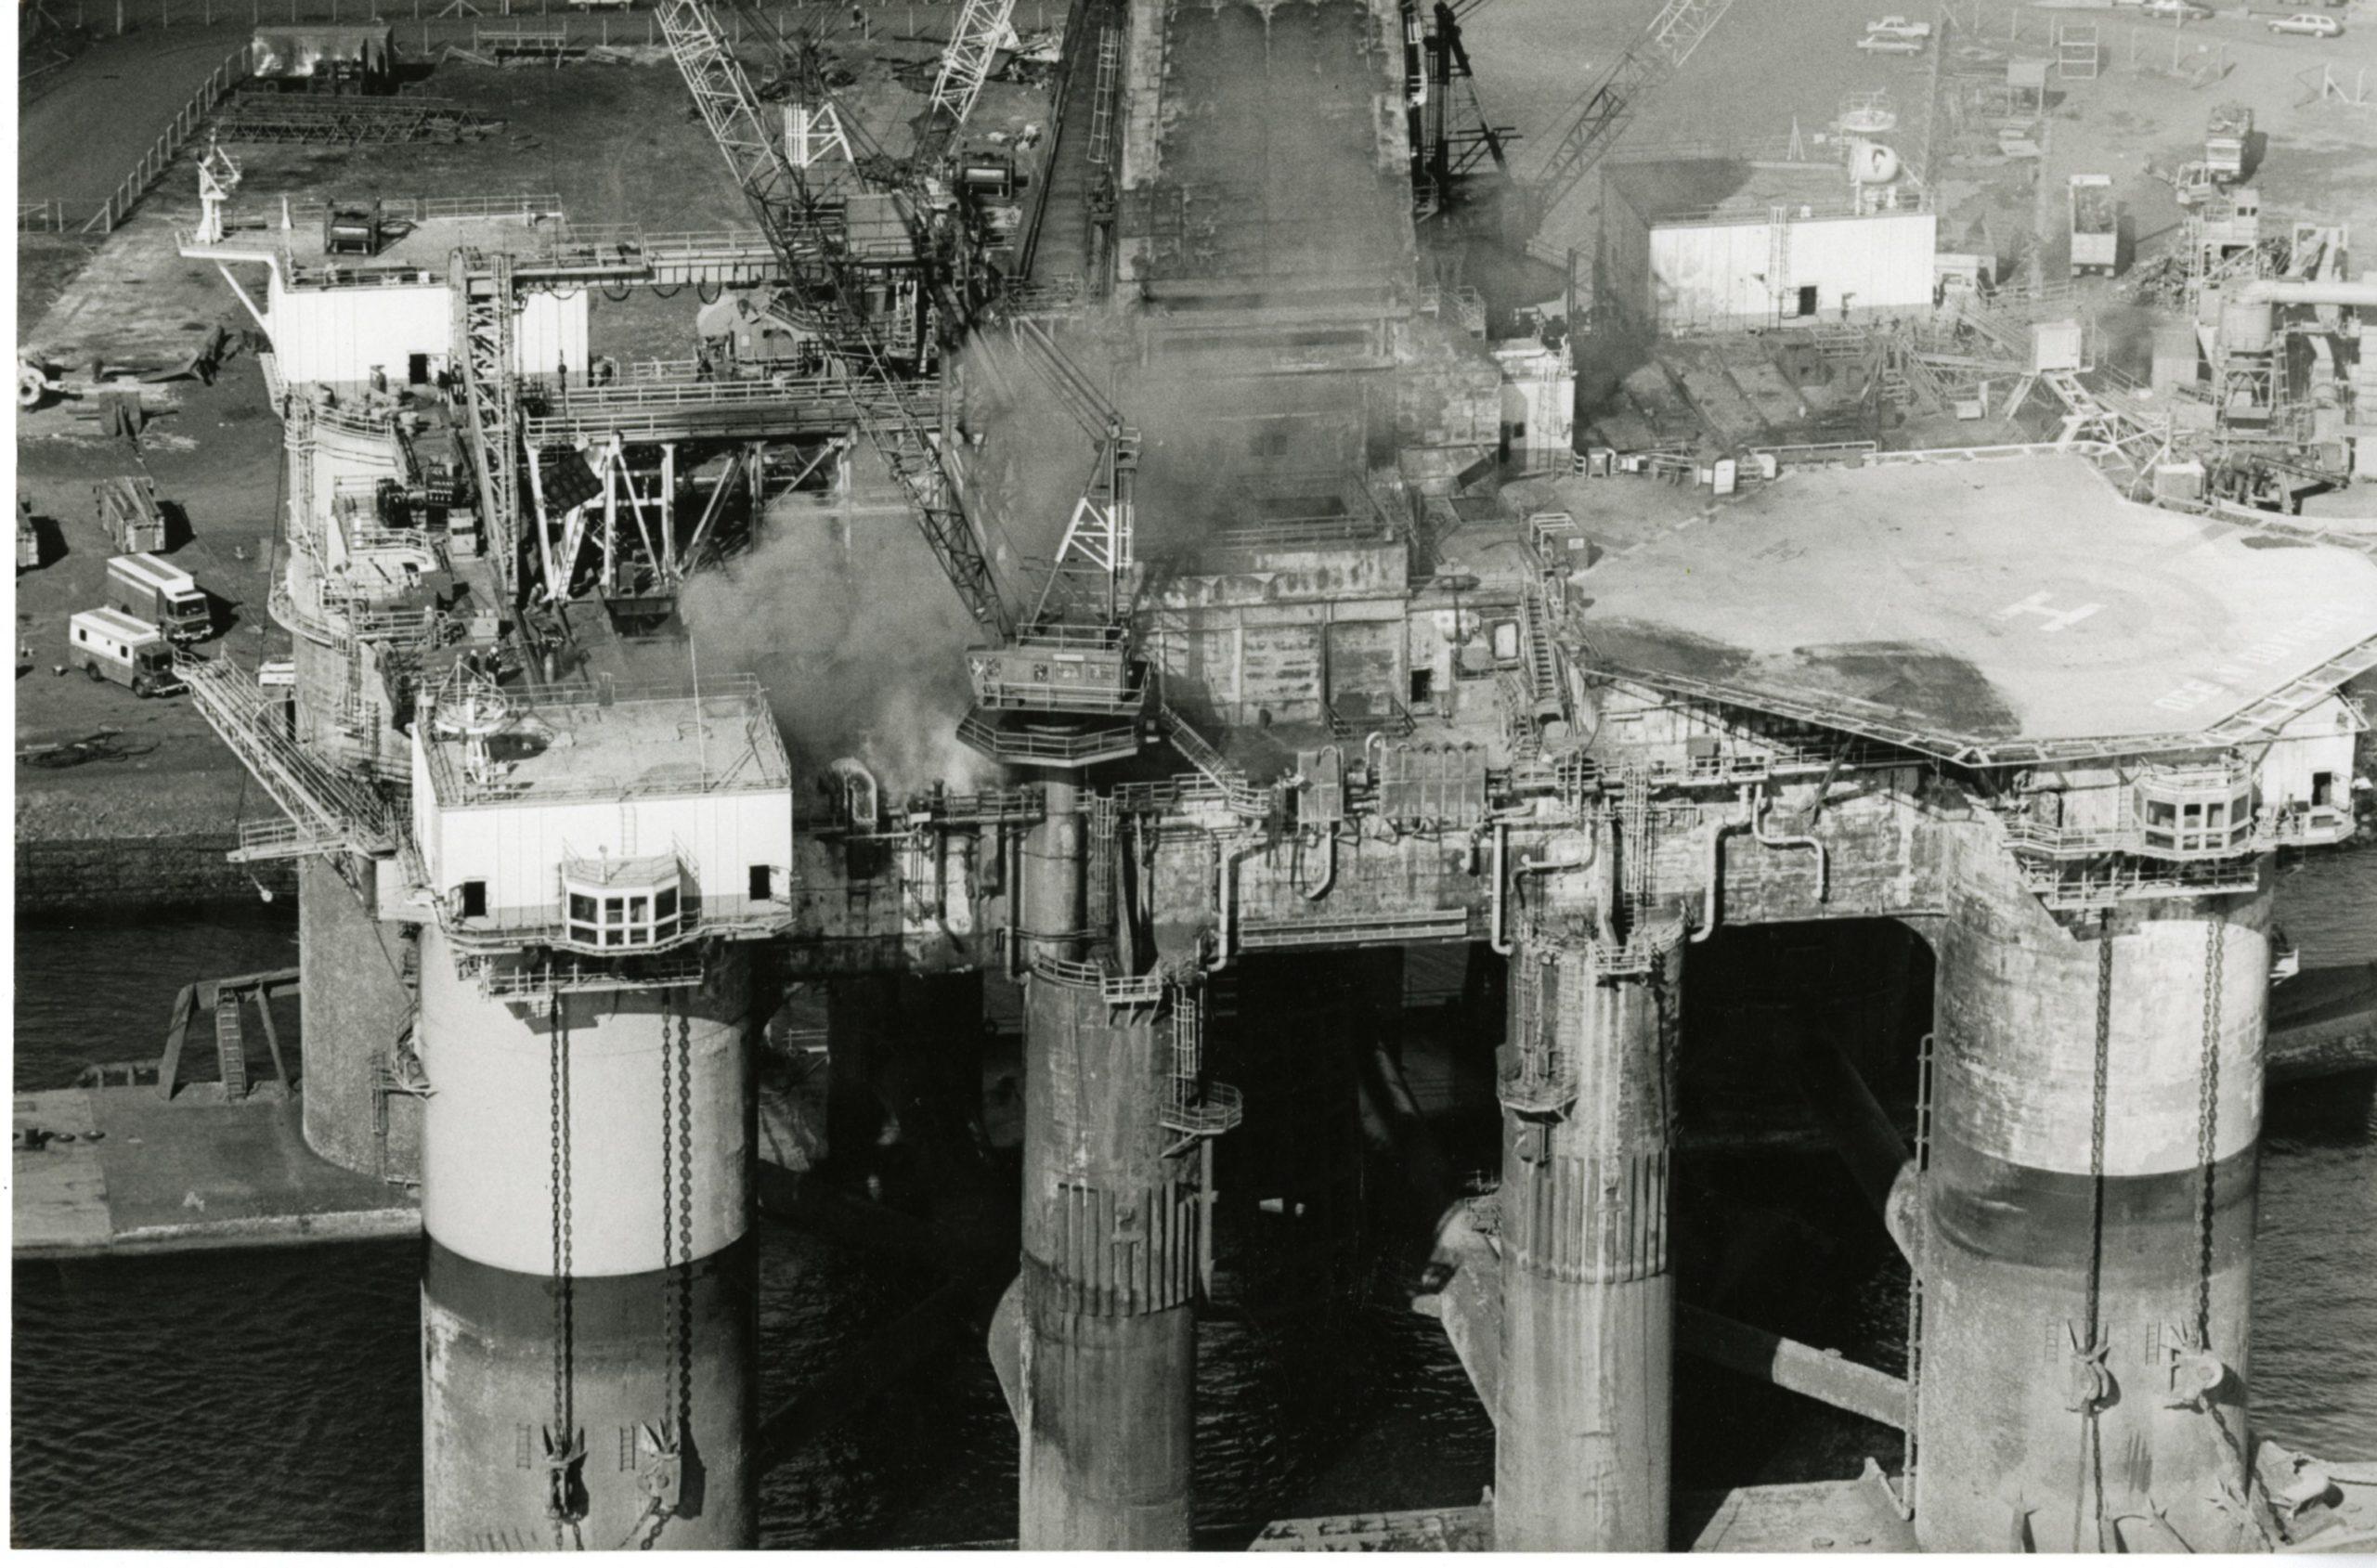 Ocean Odyssey fire in March 1989.